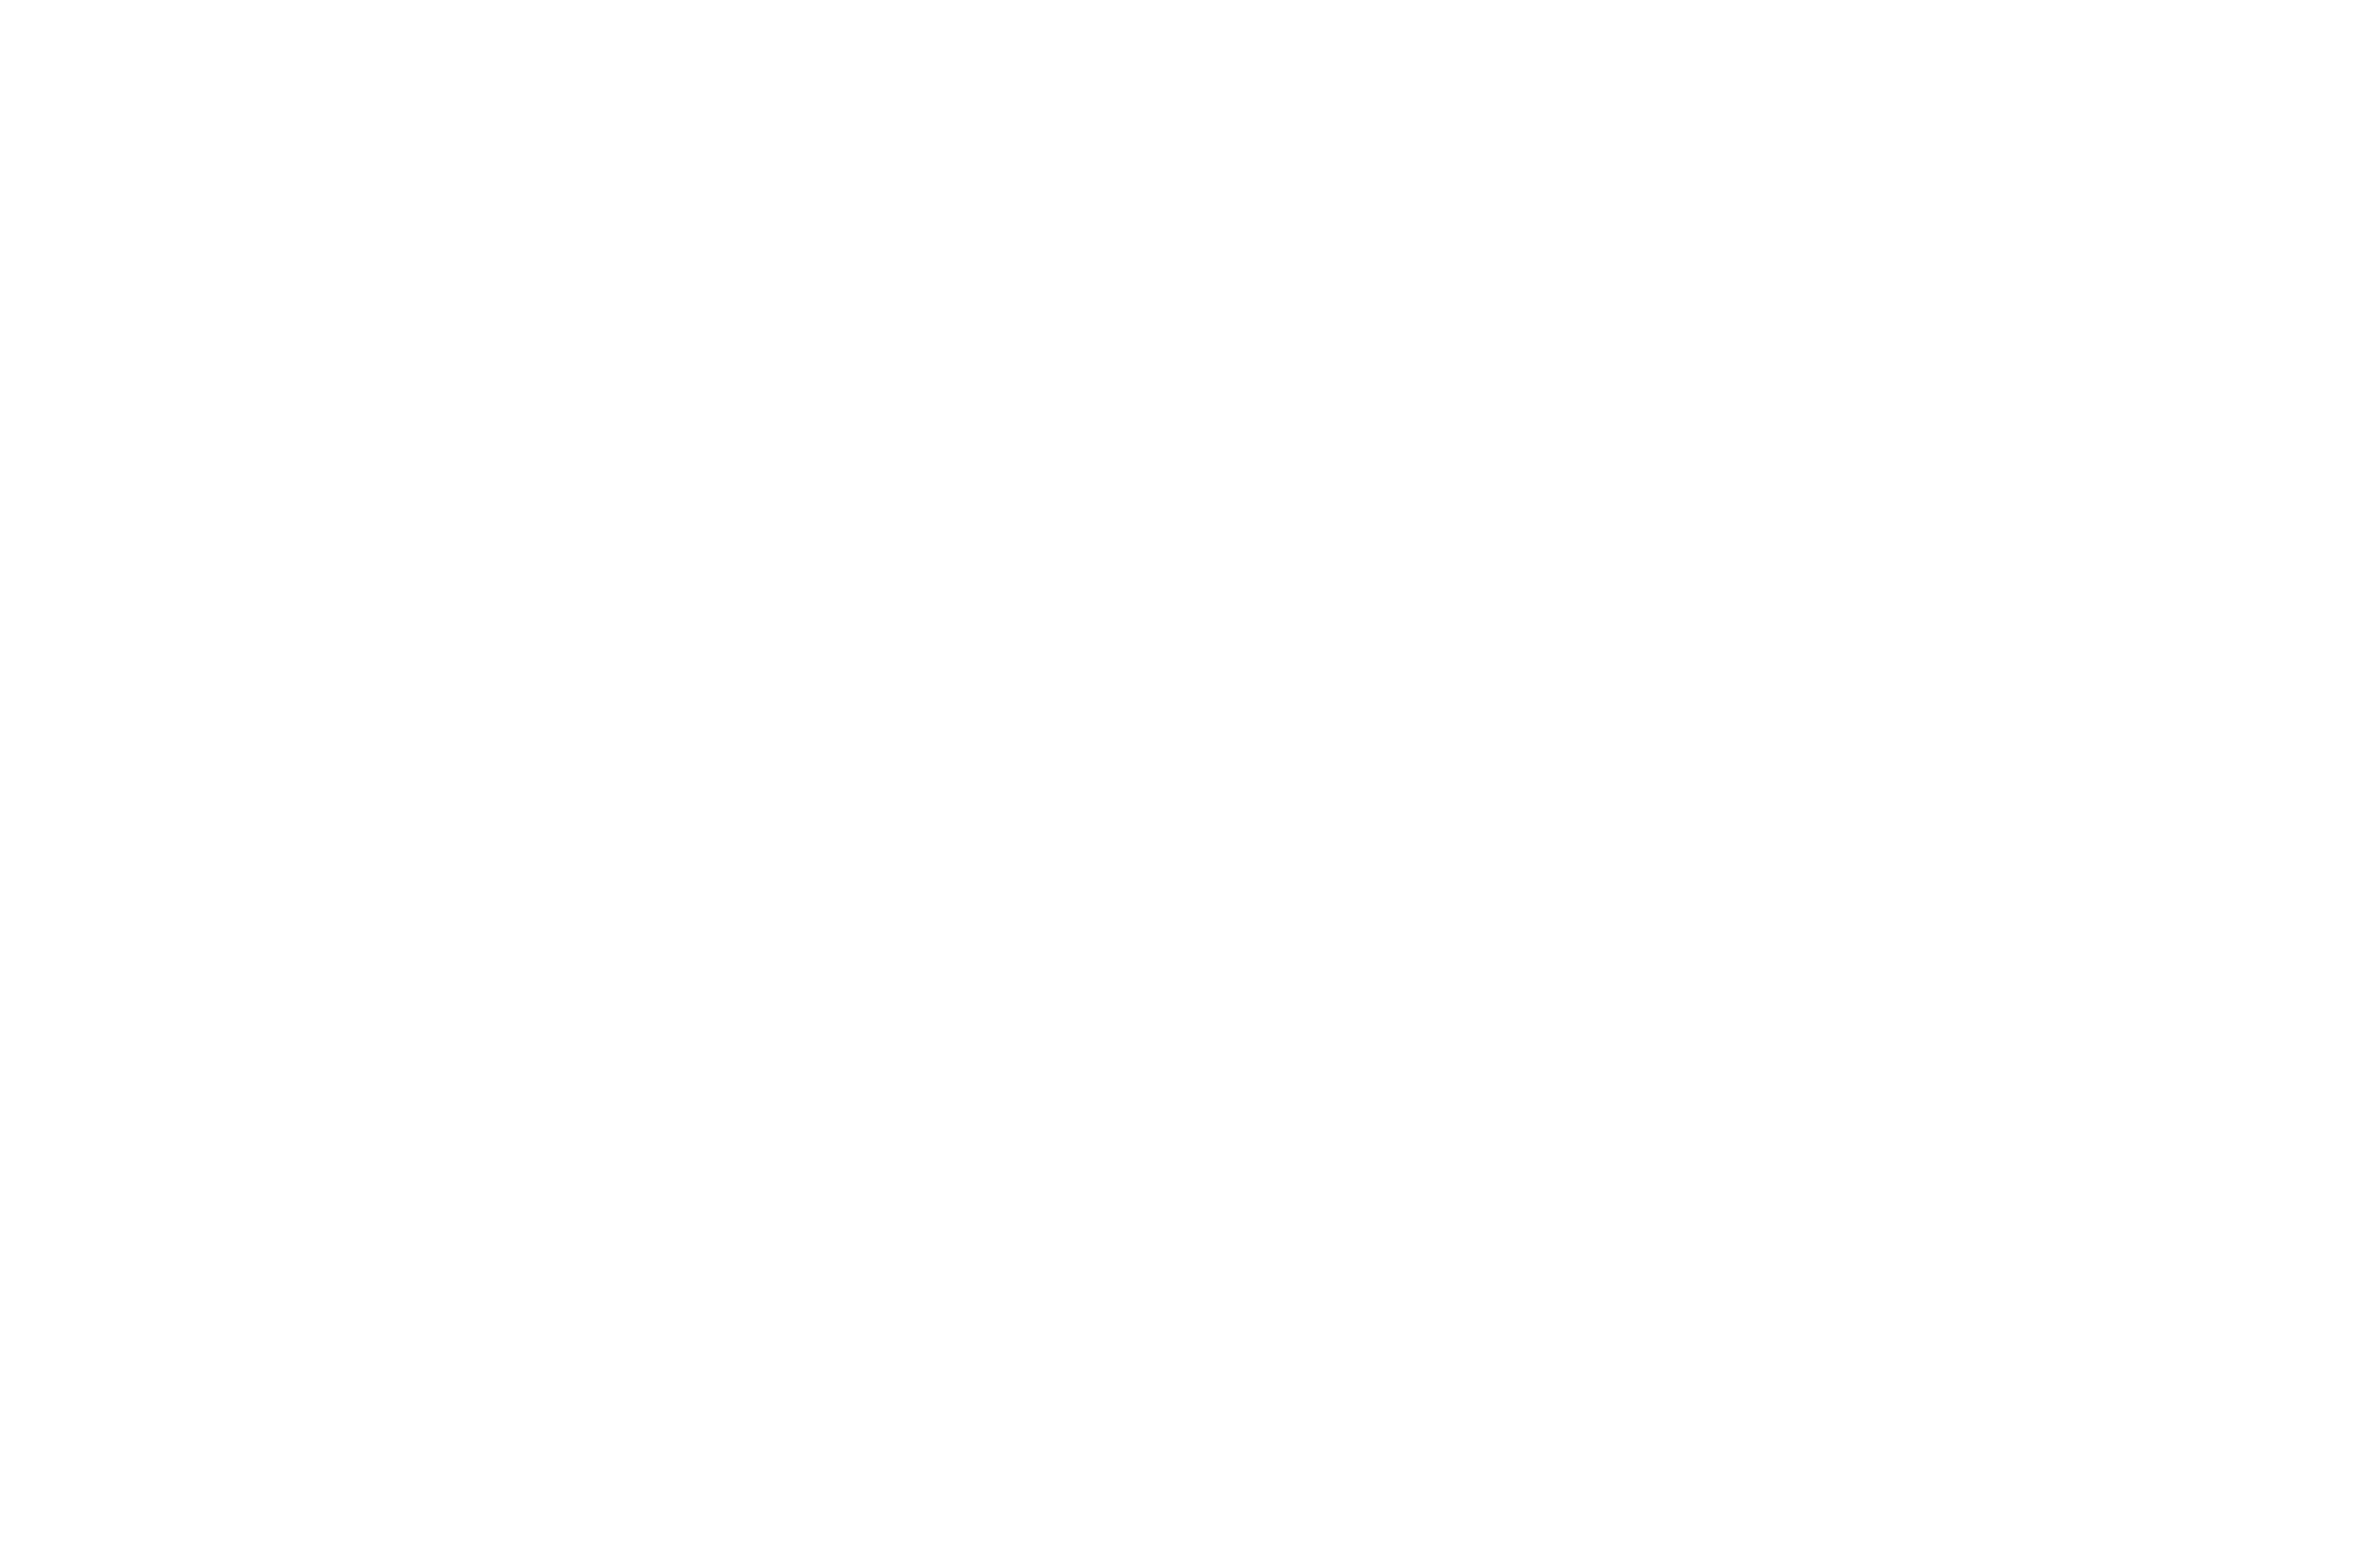 piso-terra-branco